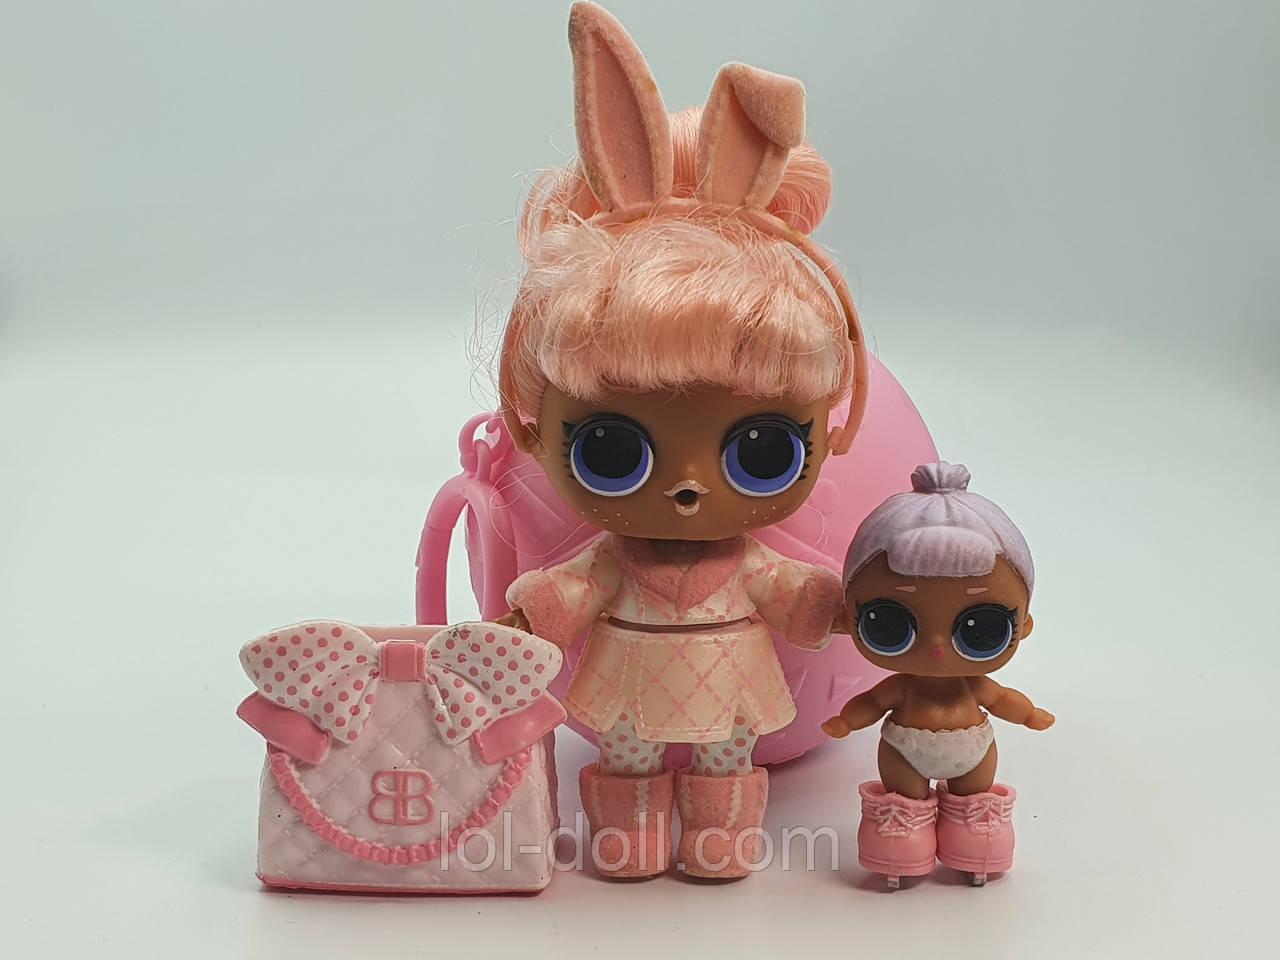 Семья Кукла LOL Surprise 5 Серия Hairgoals Snow Bunny - Зайчик Under Wraps Лол Сюрприз Оригинал